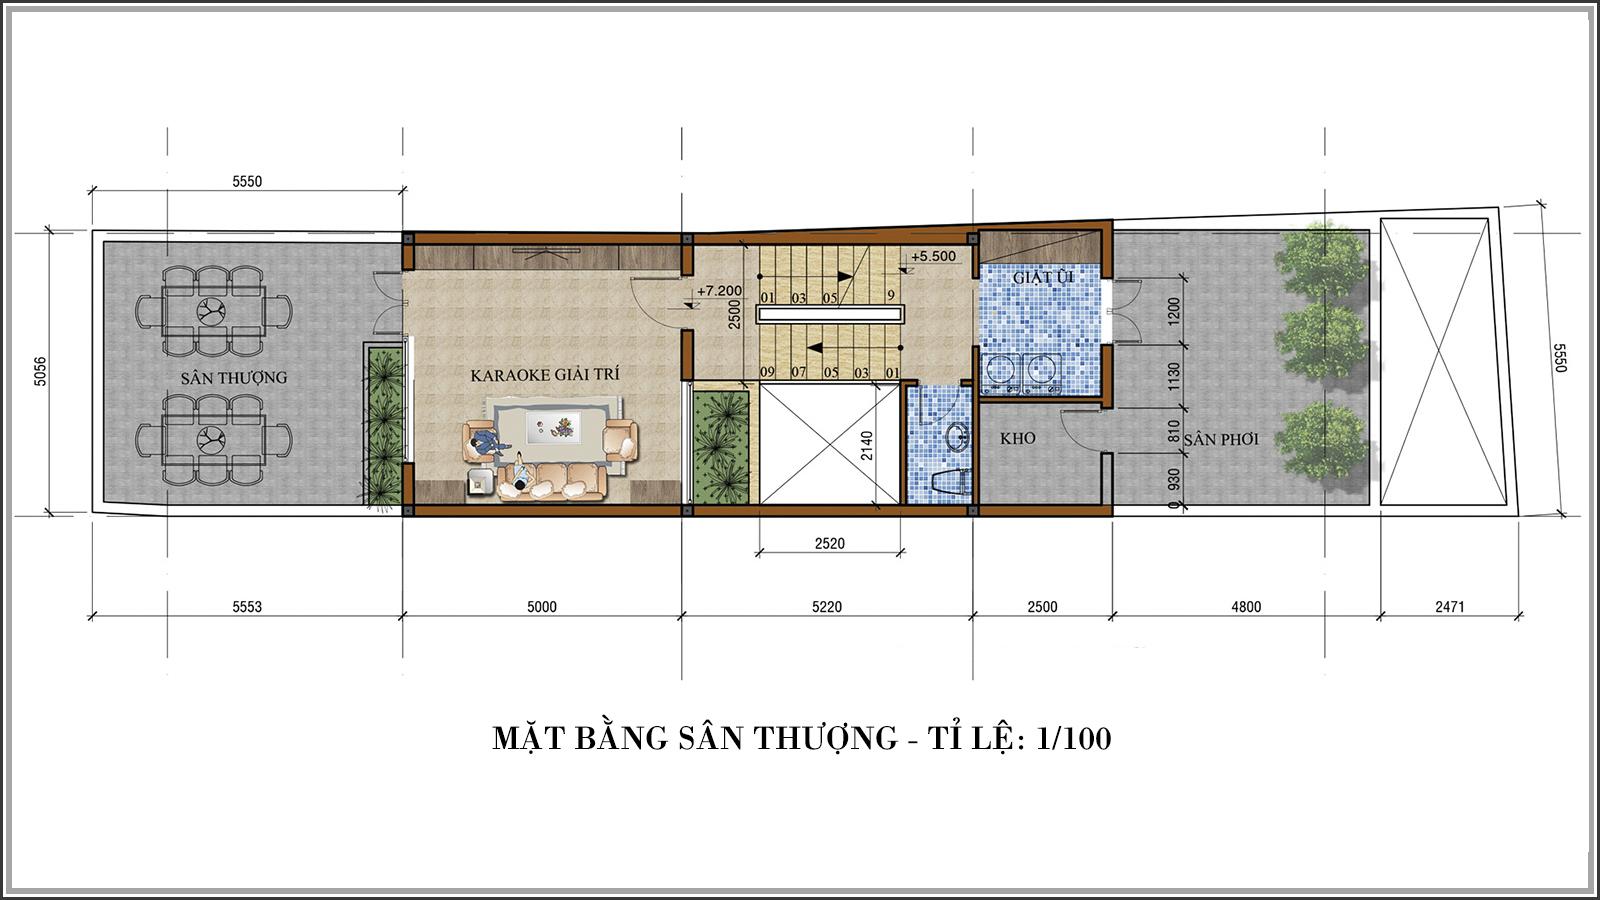 Thiết kế nhà phố mặt tiền 5m kết hợp kinh doanh tiện lợi tại Tân Bình - 07